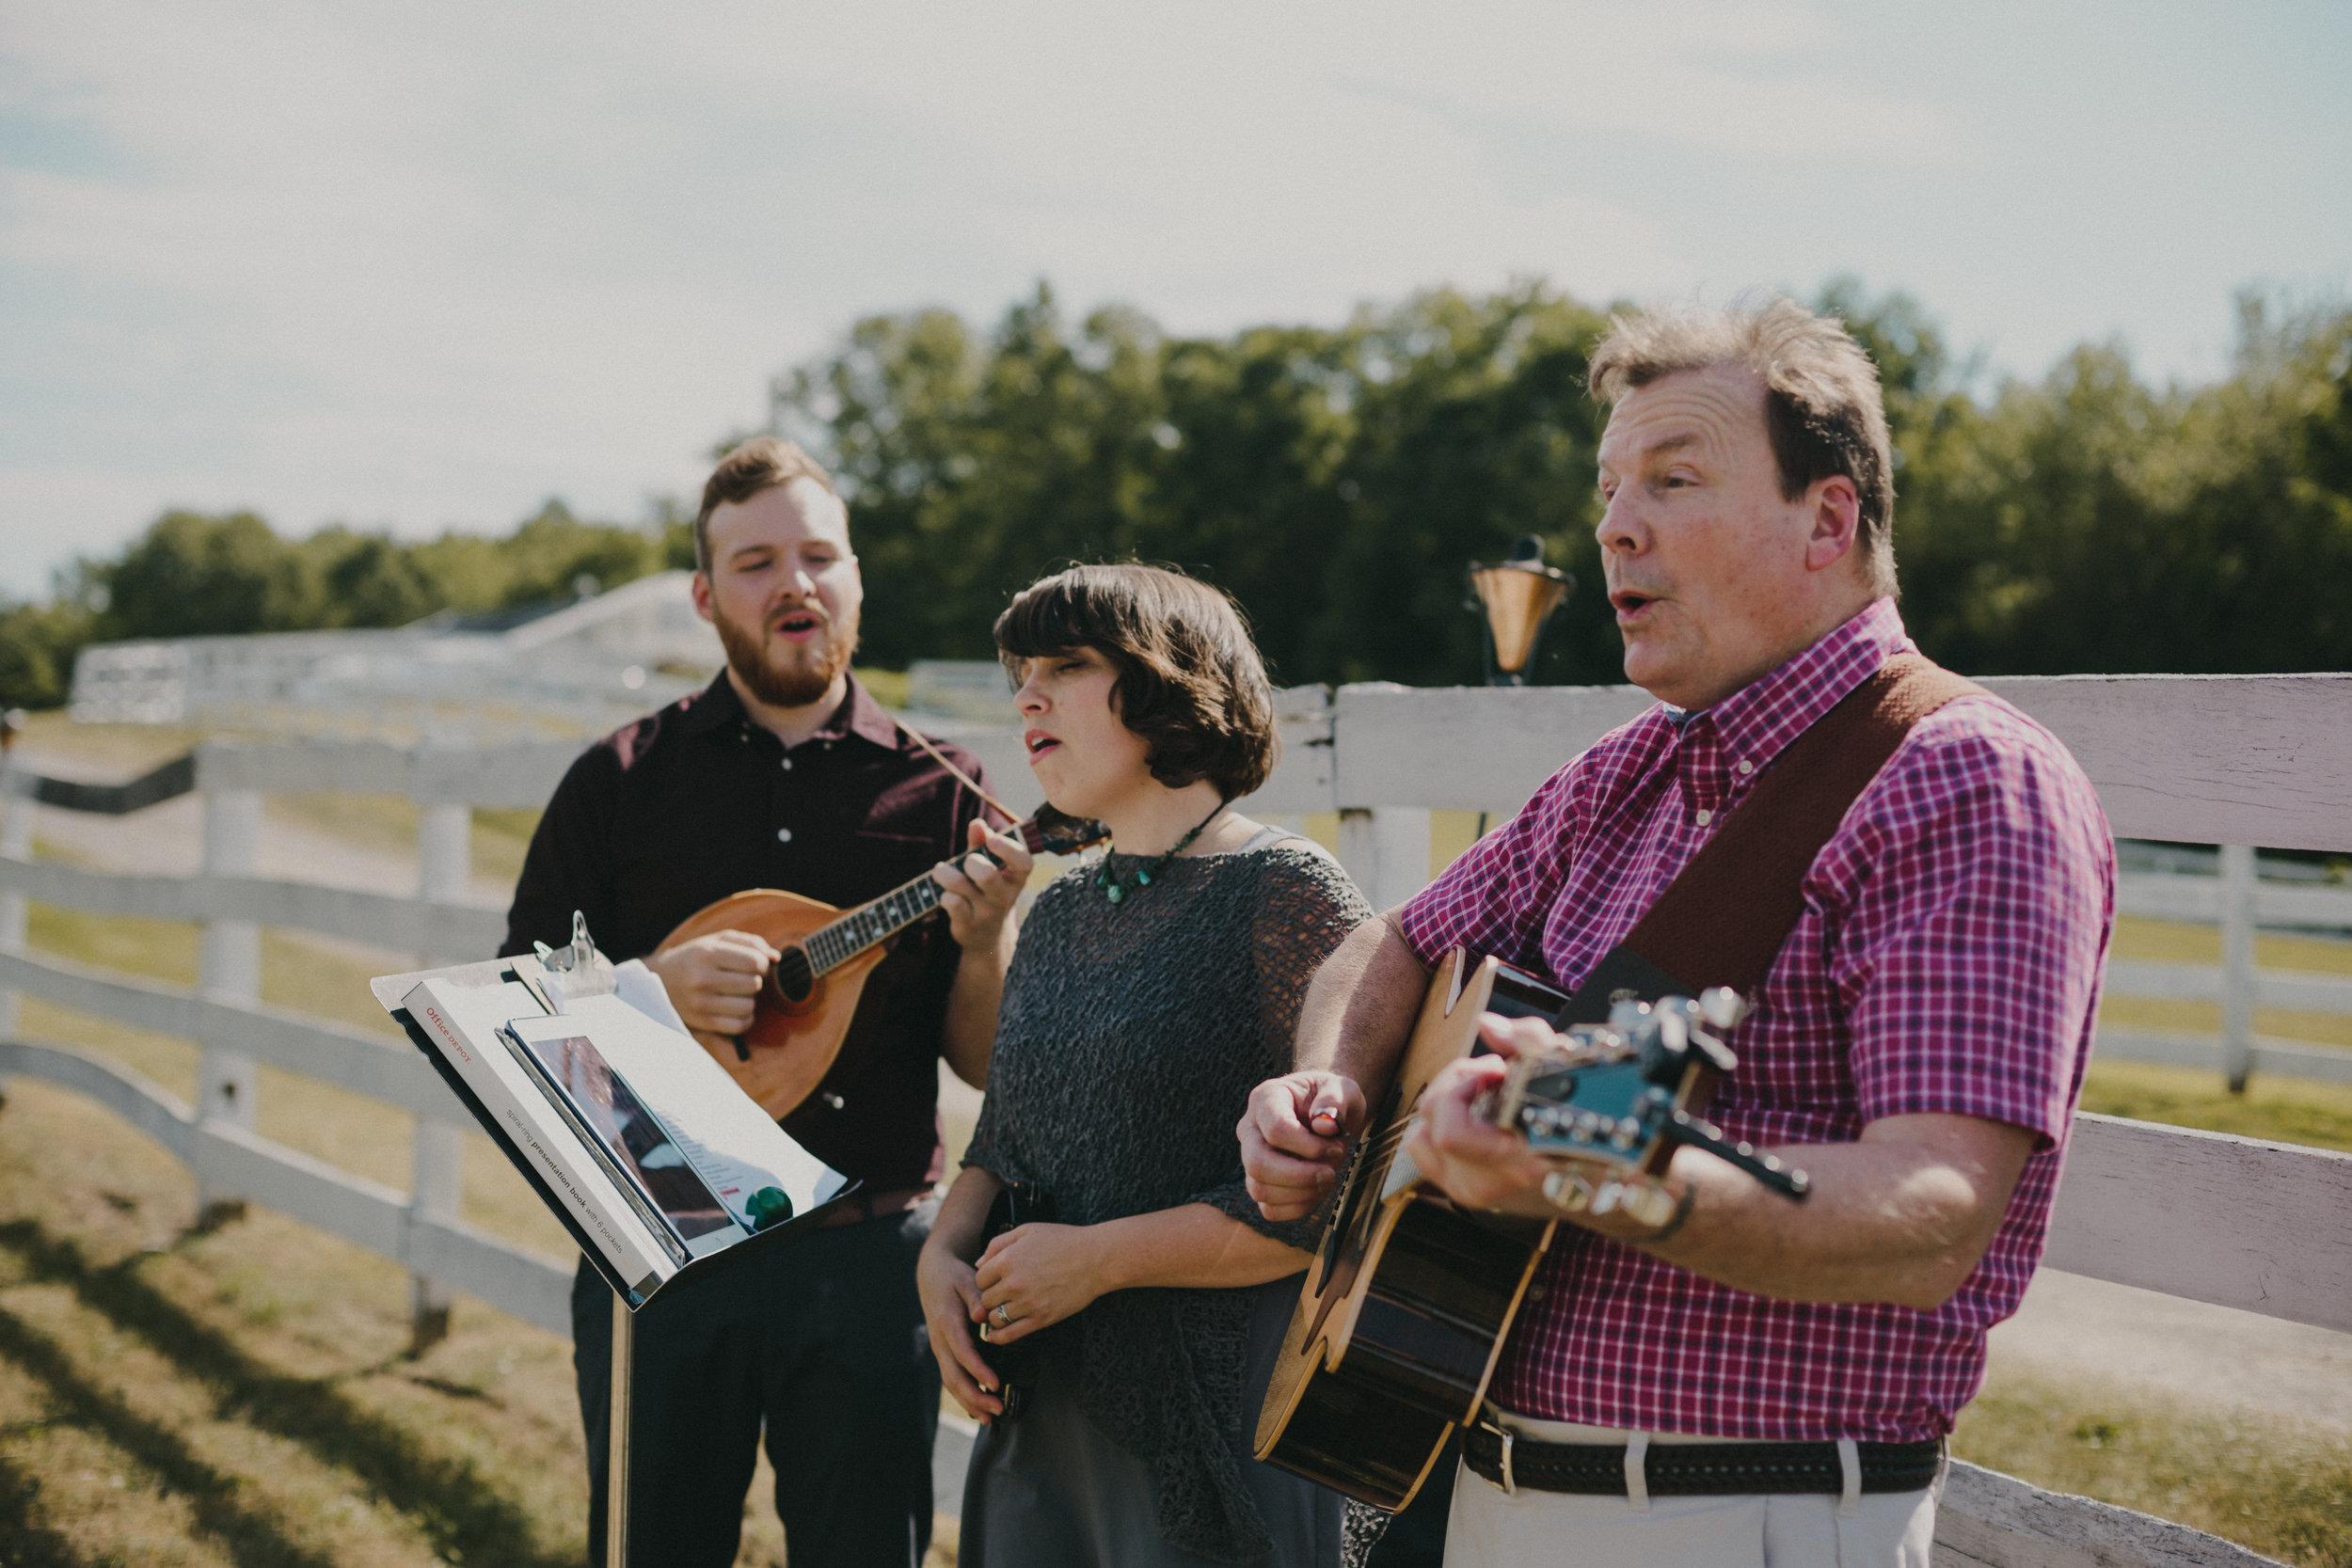 856-20180616-Amanda_Brett_Catskills_Summer_Boho_Wedding.jpg